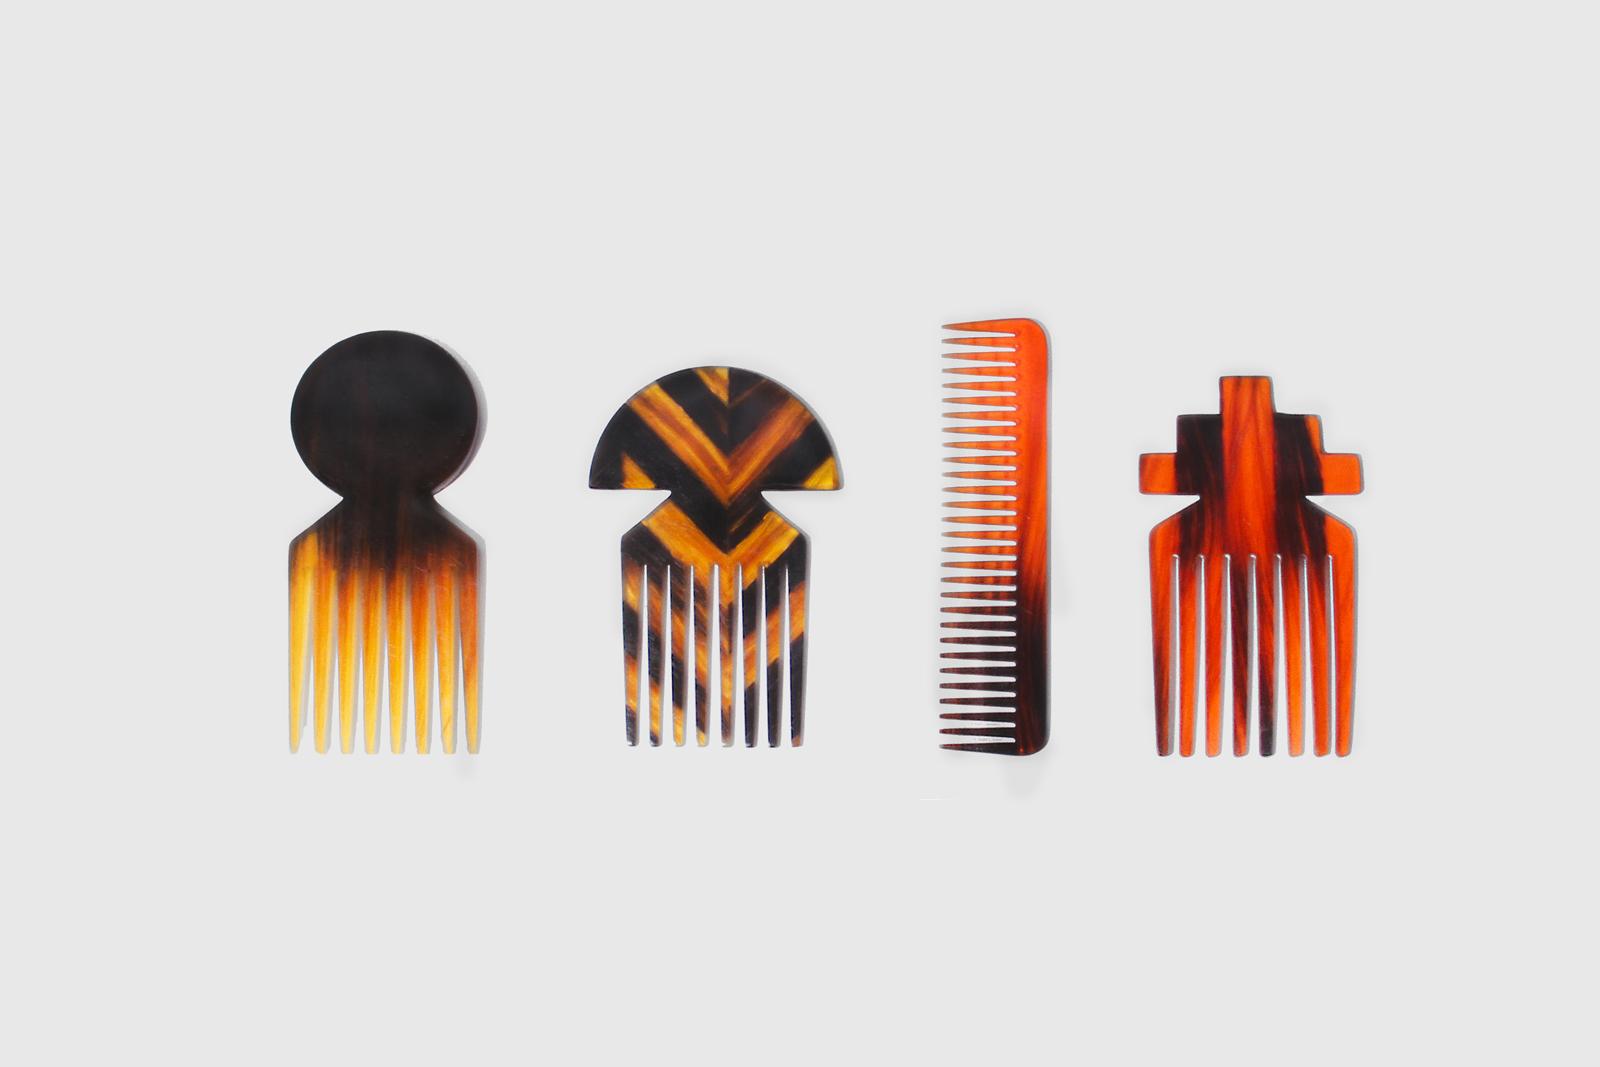 Poème Brut : le Design Museum de Gand expose un nouvel artisanat